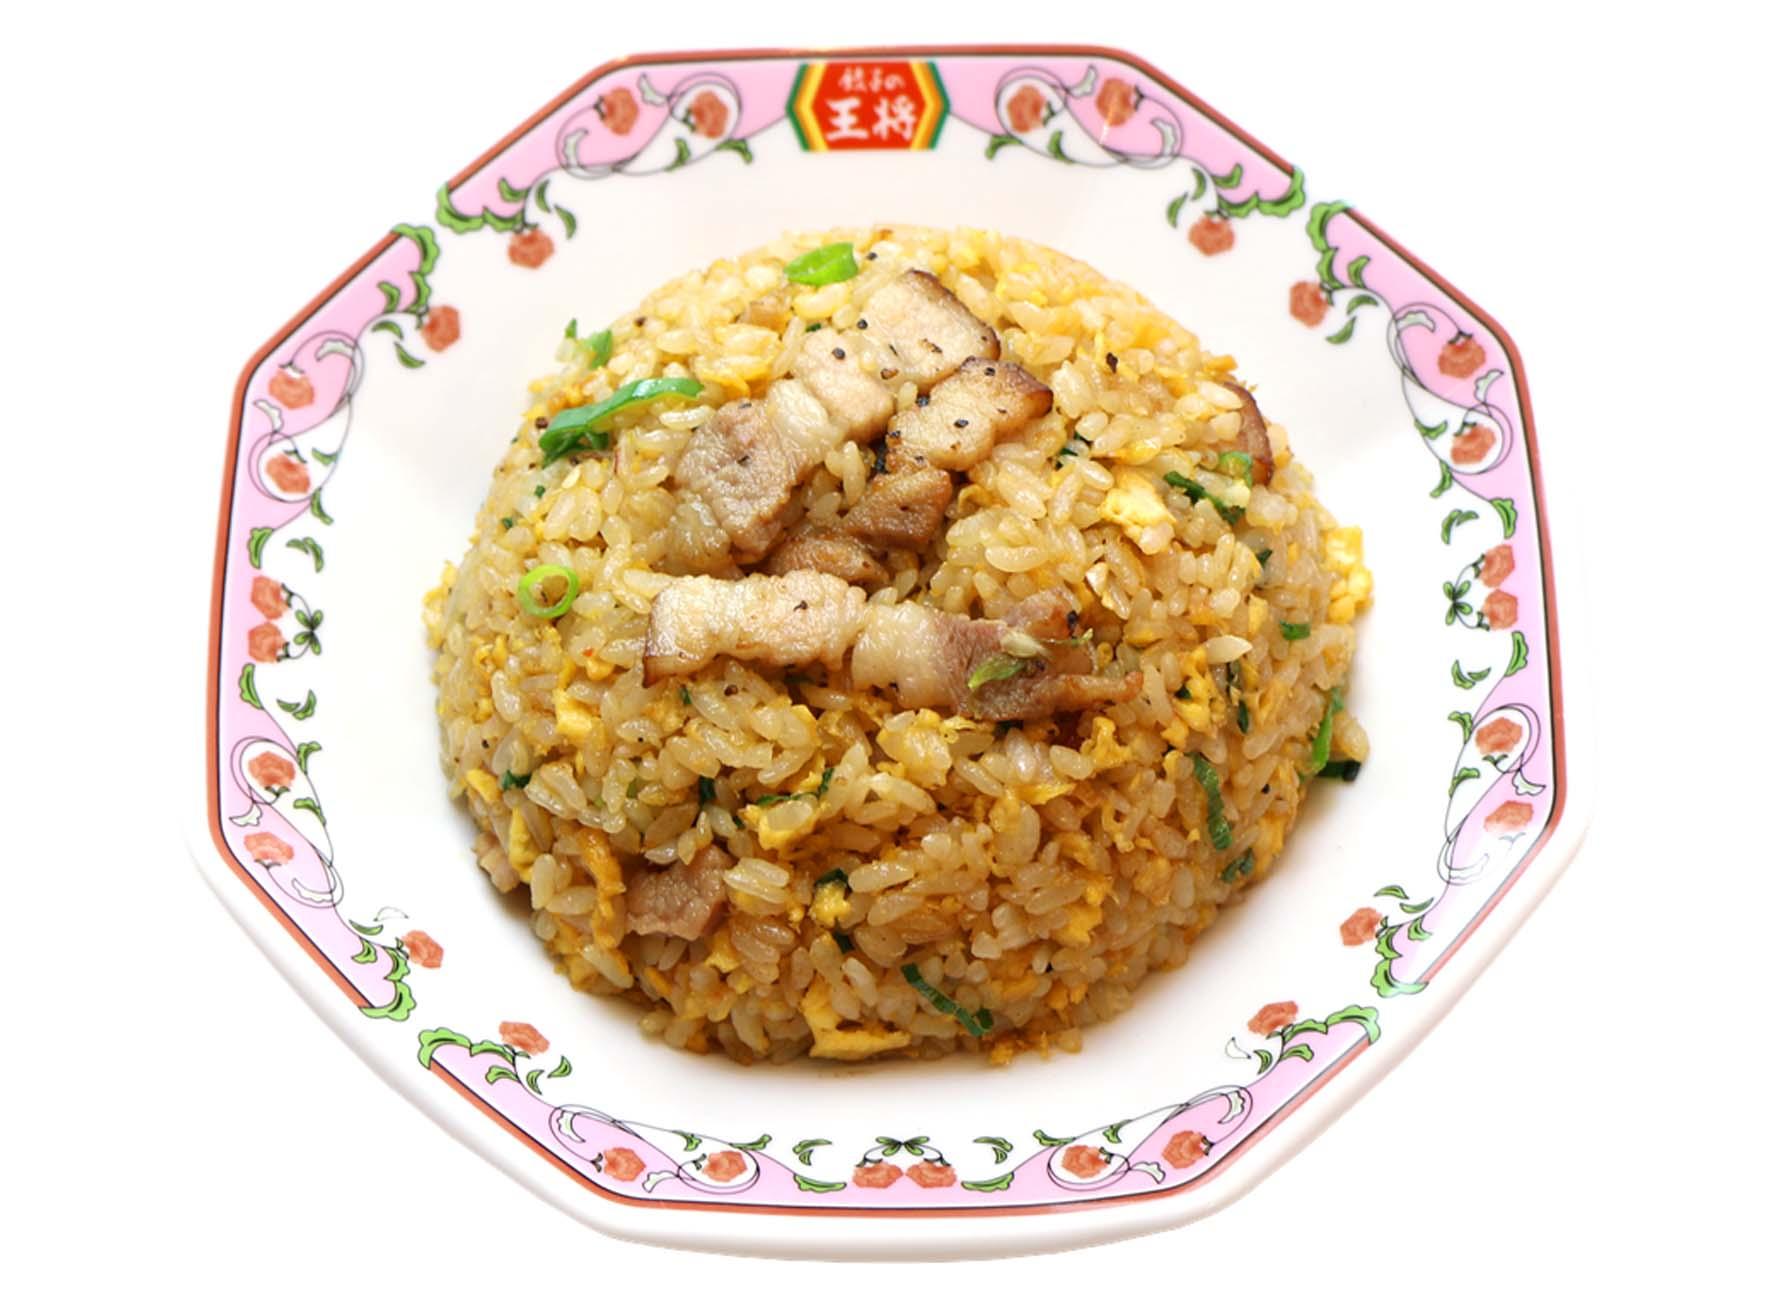 豚カルビ炒飯